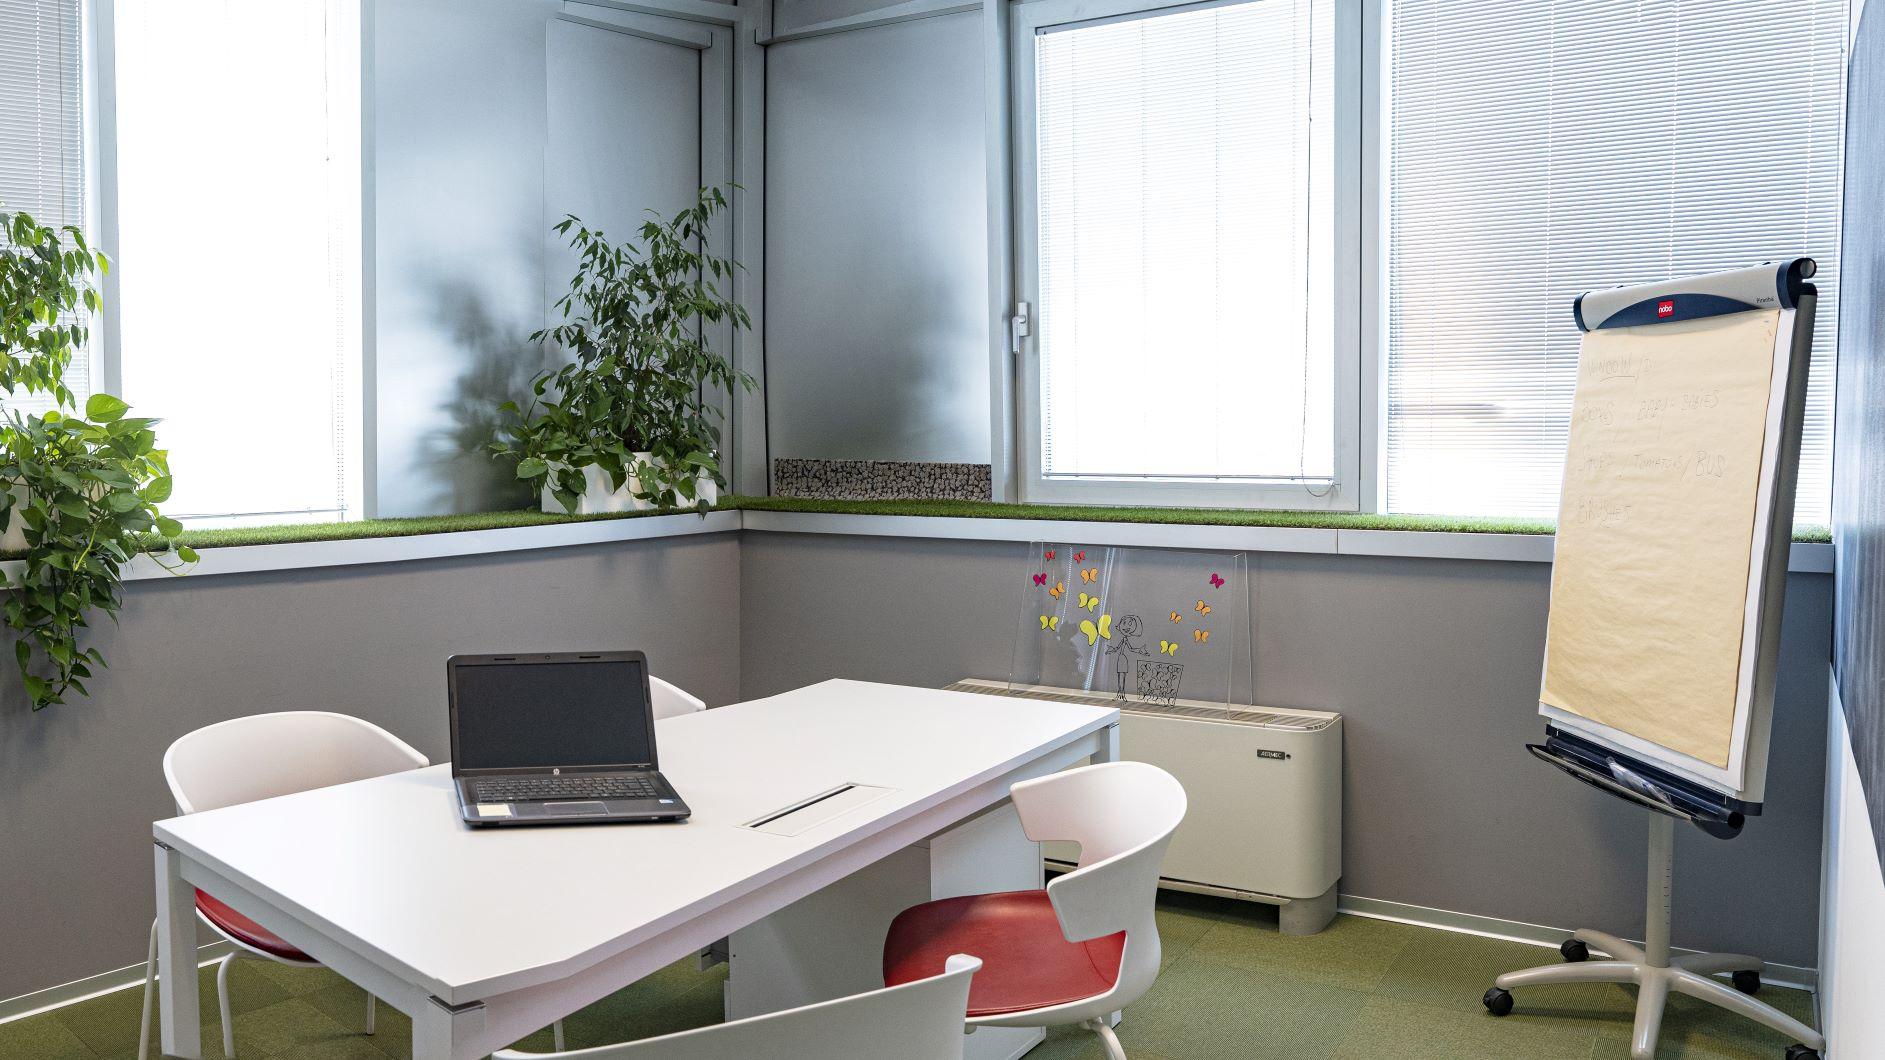 Noleggio ufficio - City panoramica 2 by eis